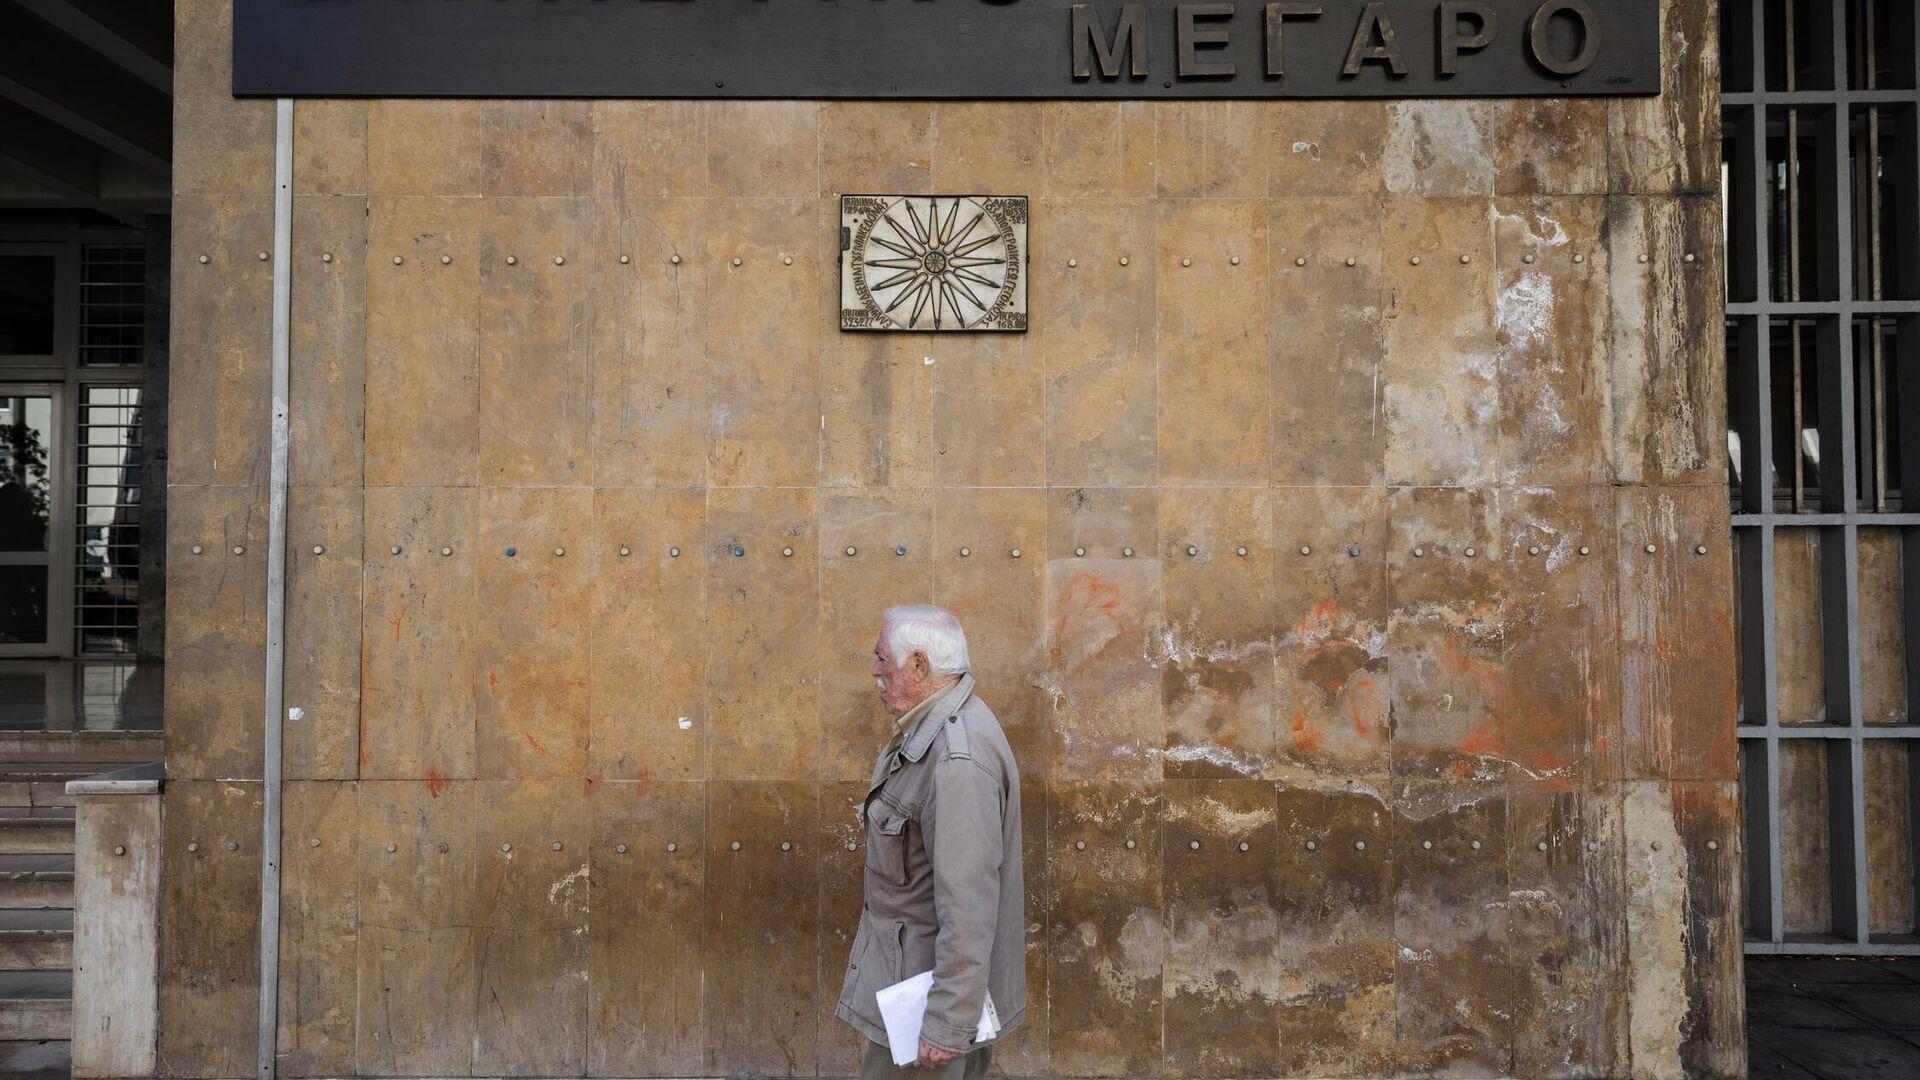 Δικαστικό Μέγαρο Θεσσαλονίκης - Sputnik Ελλάδα, 1920, 07.10.2021